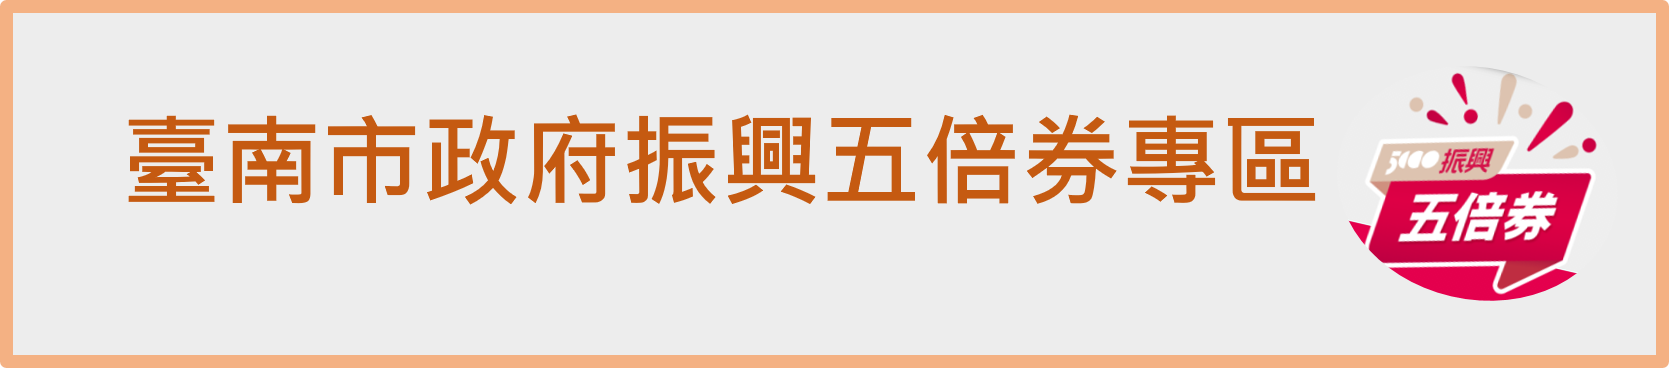 臺南市政府振興五倍券專區